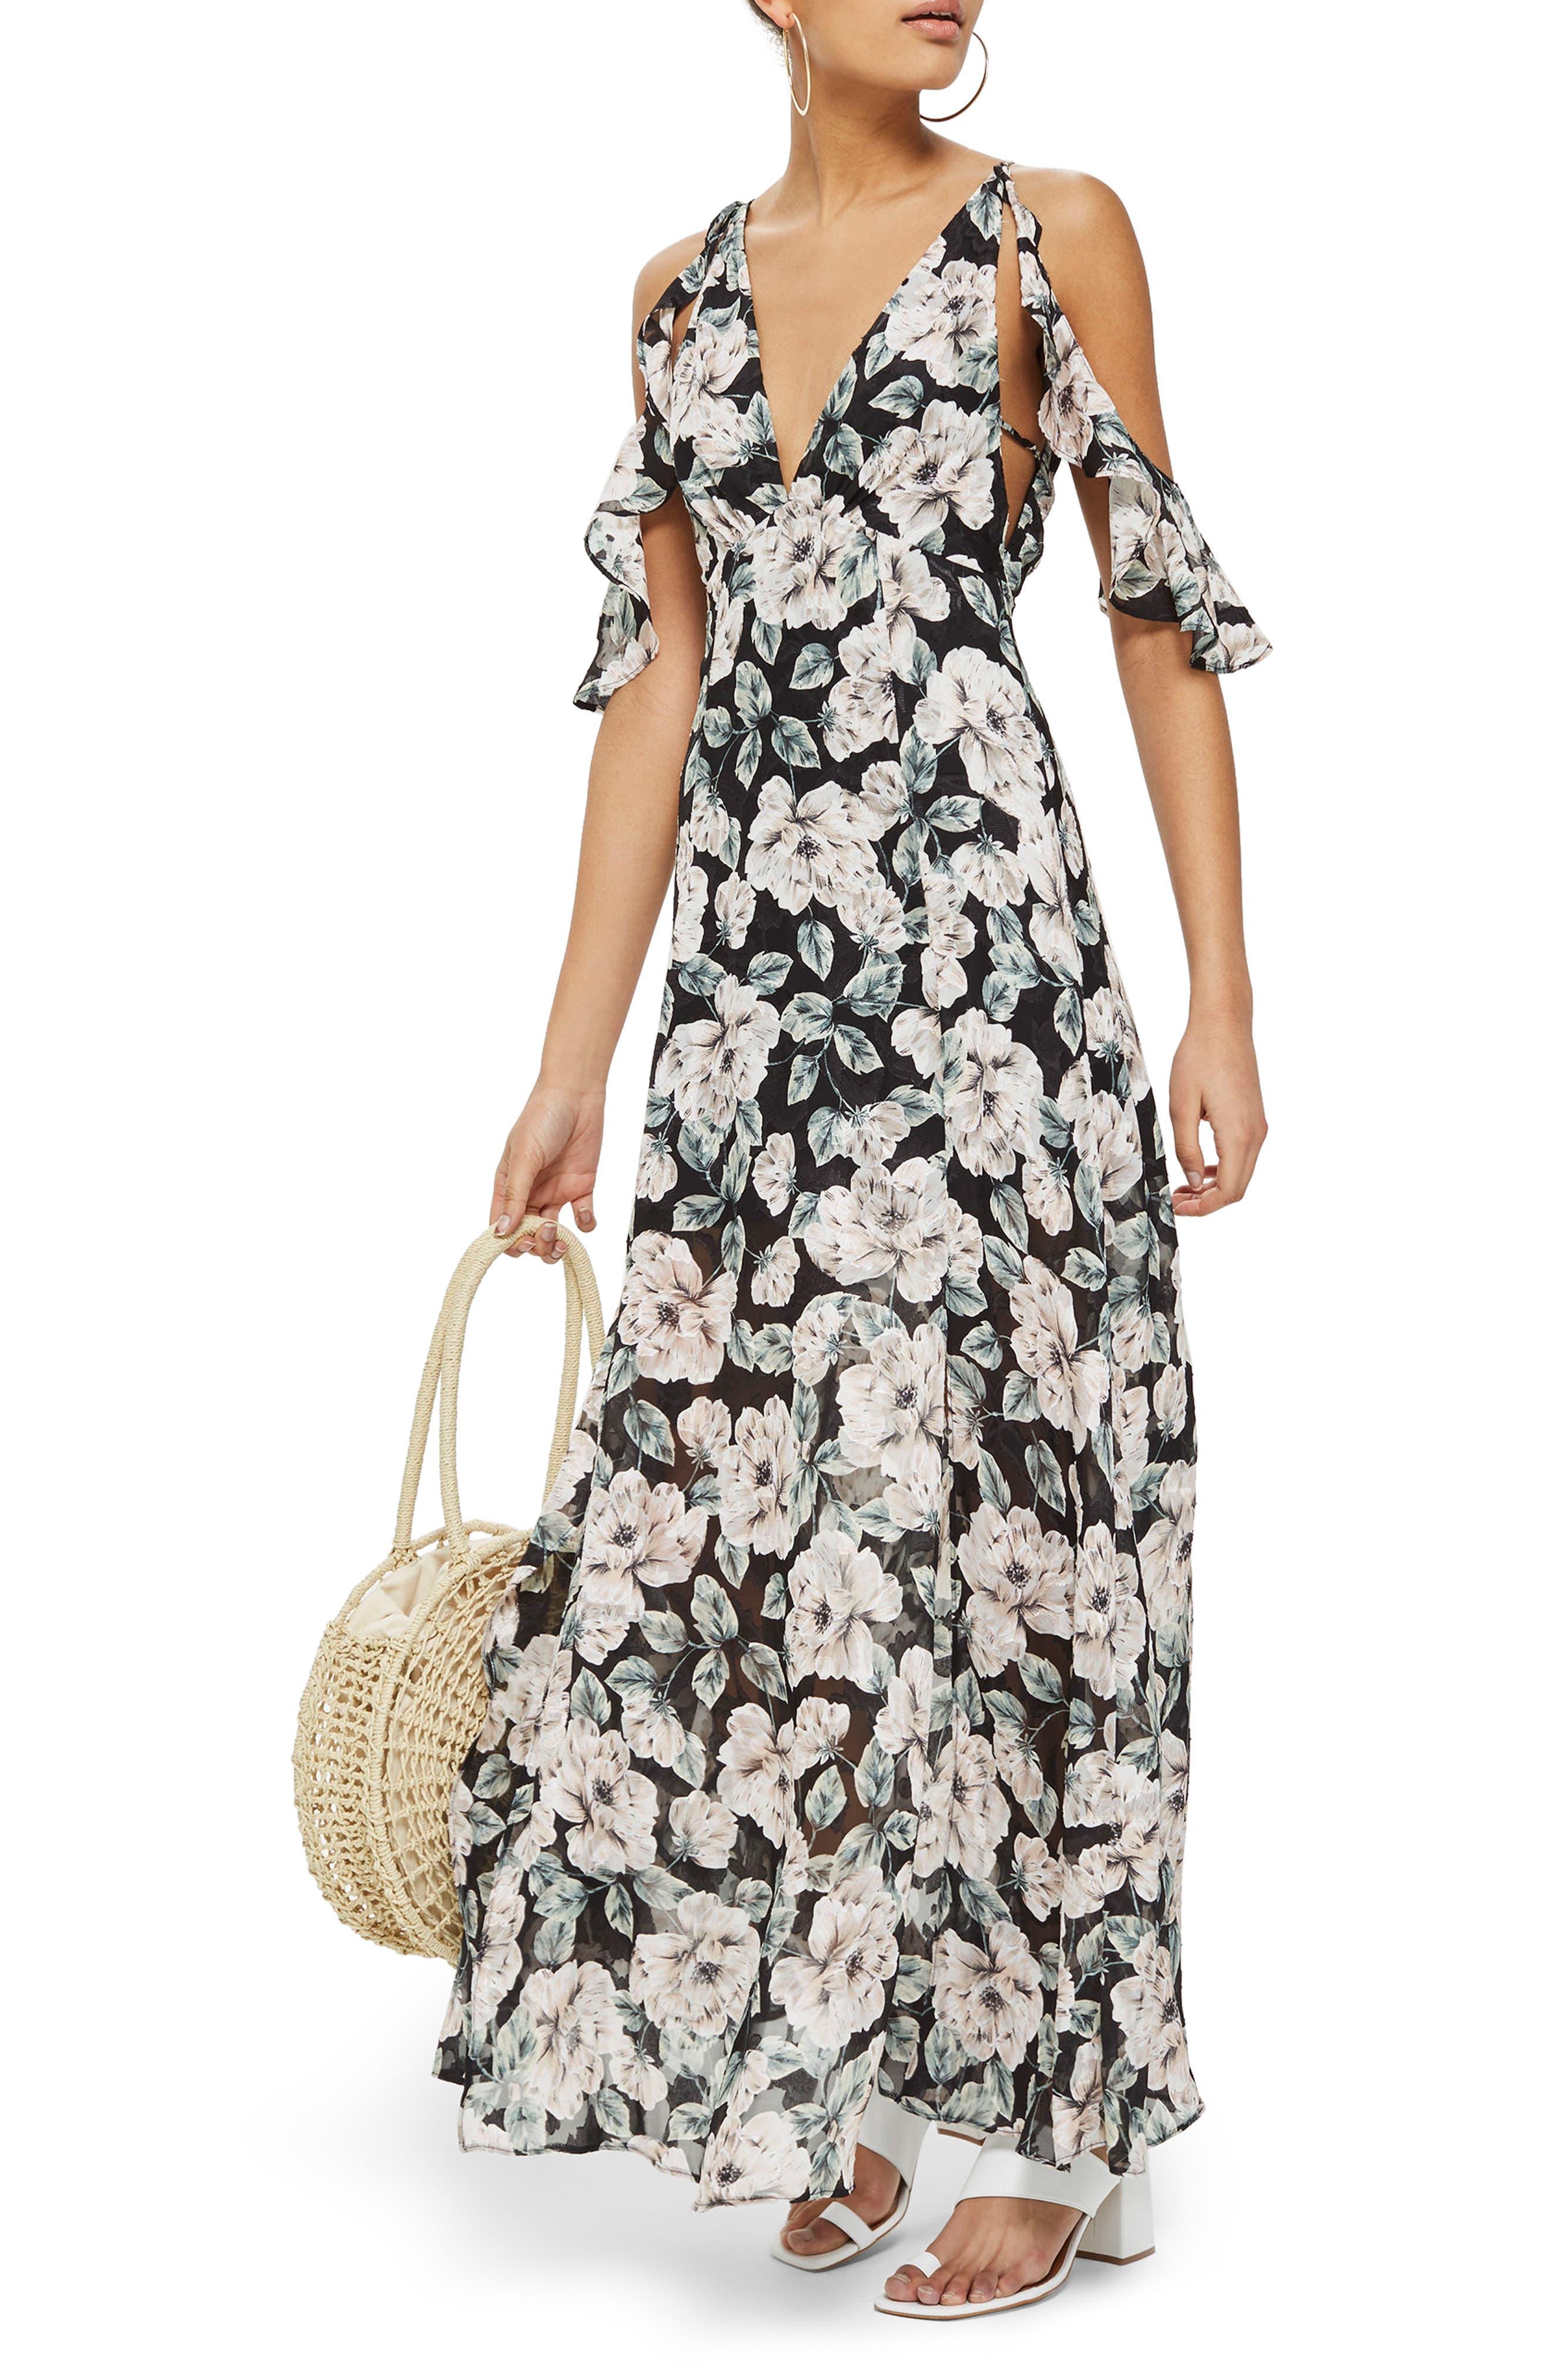 Devoré Floral Cold Shoulder Dress,                             Main thumbnail 1, color,                             Black Multi